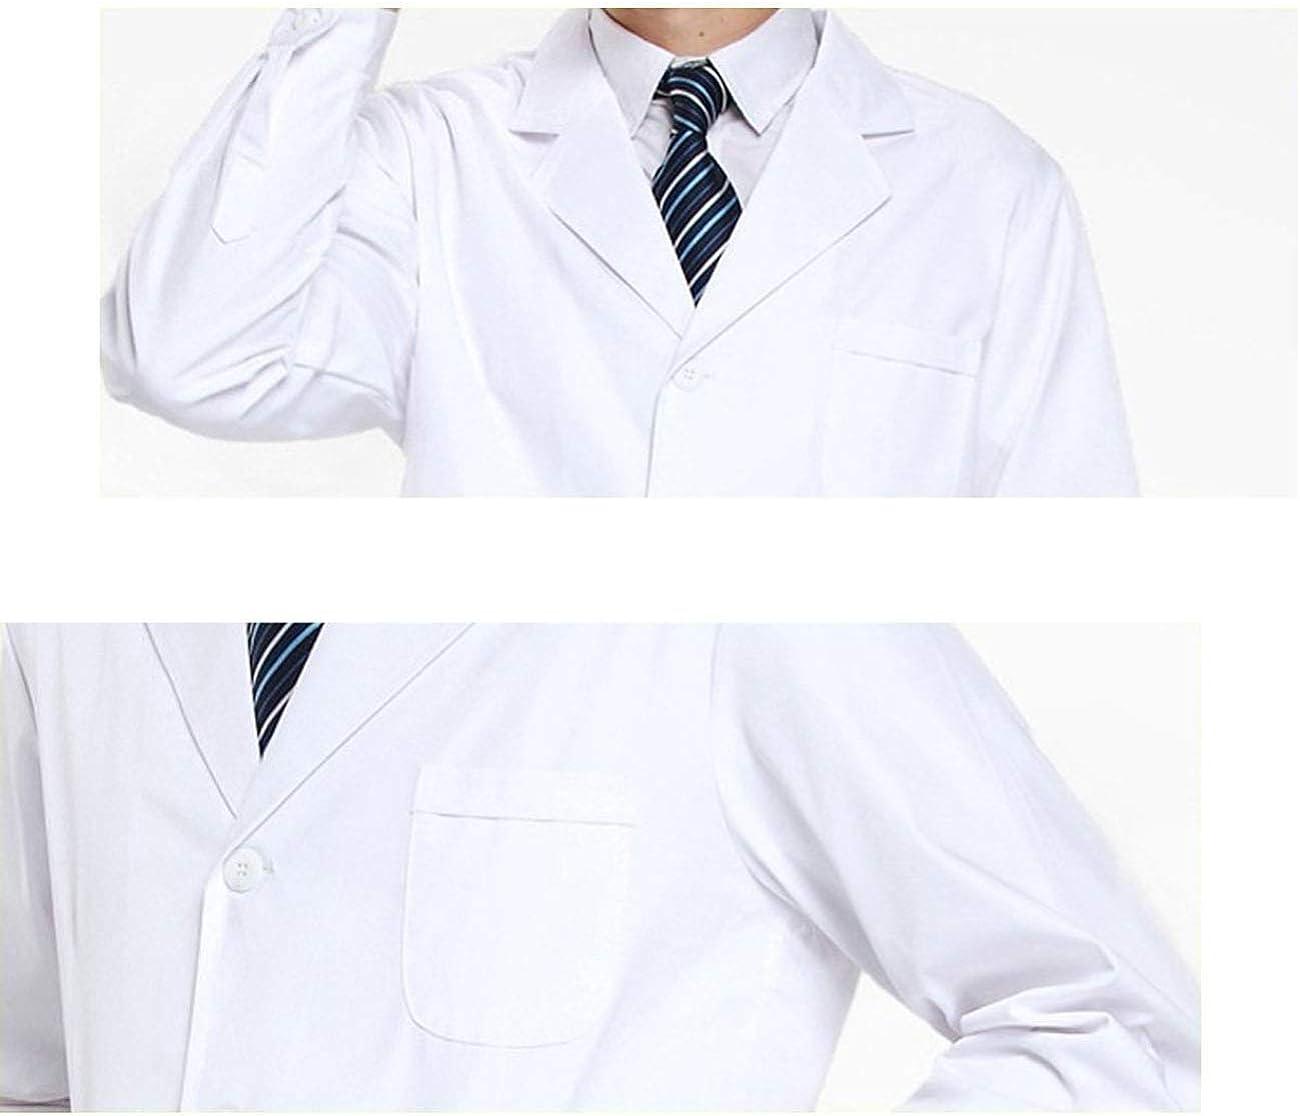 Camice medicale da laboratorio Feynman da uomo in cotone